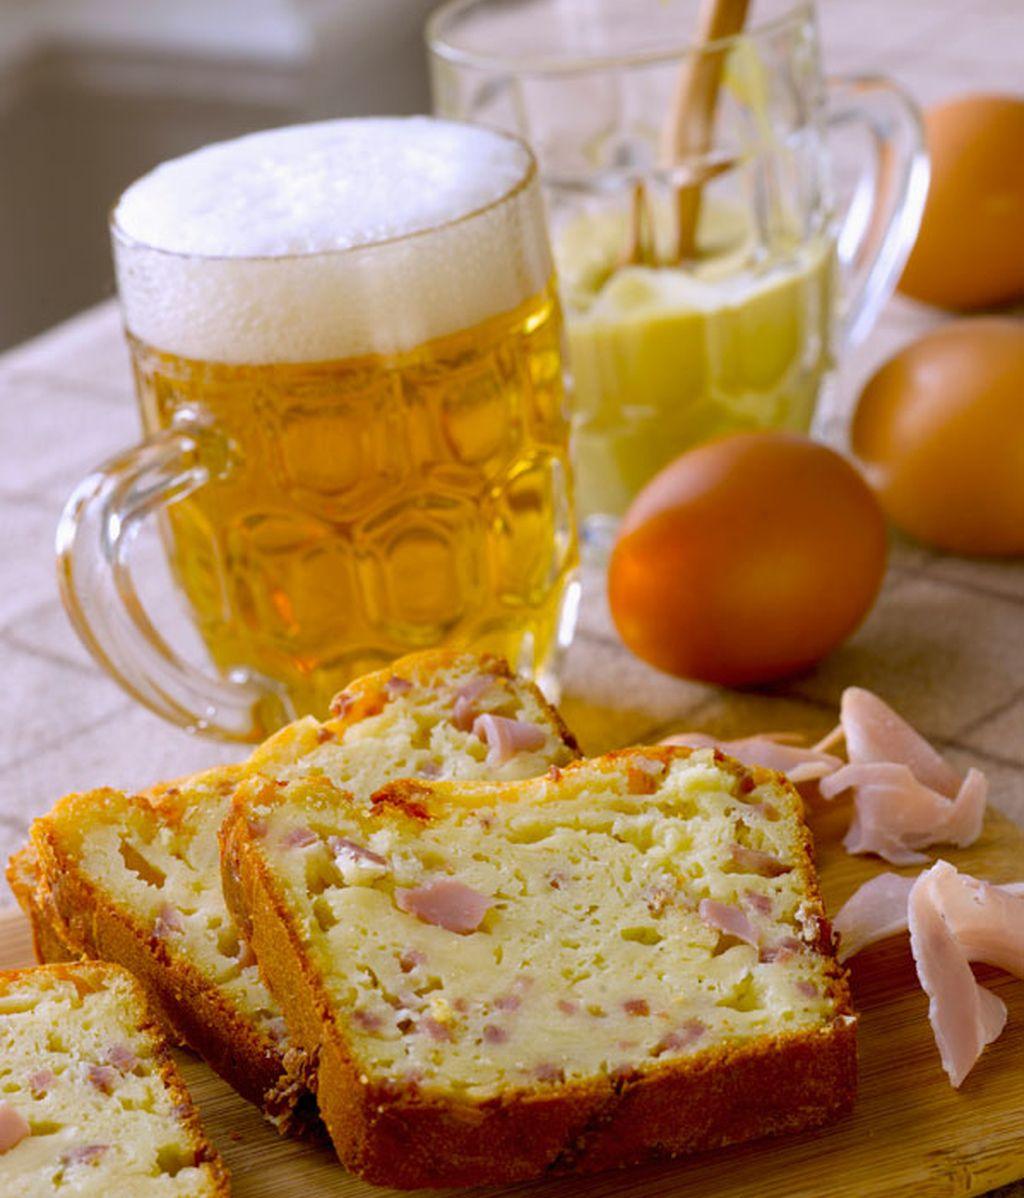 El consumo de cerveza en los hogares españoles crece el 1,1%, pero desciende el gasto